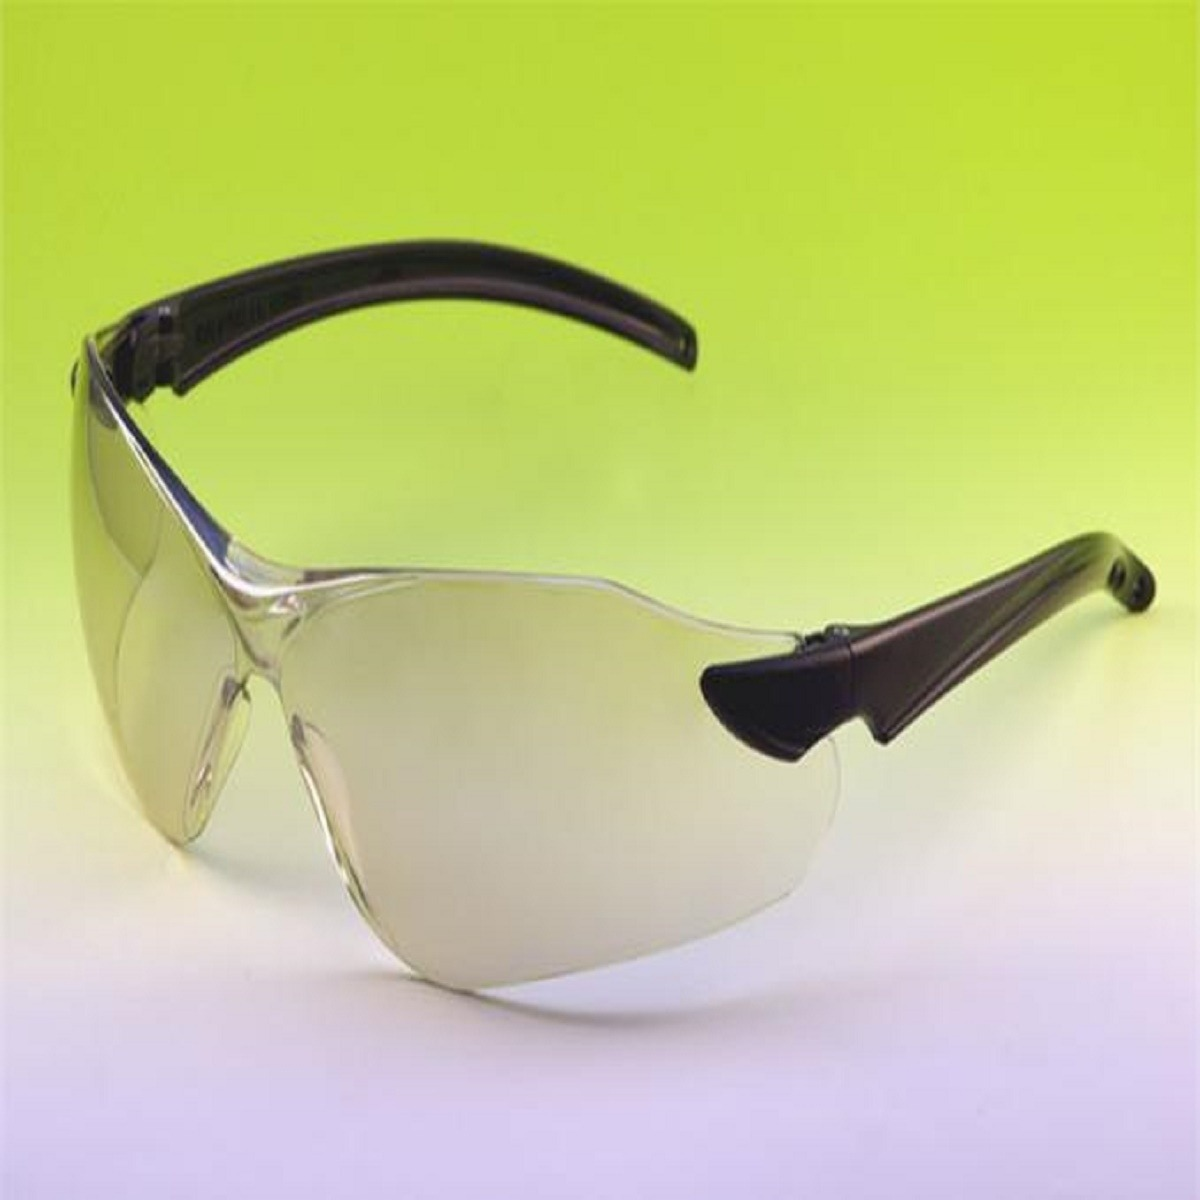 382e7097d01bd Óculos Kalipso De Proteção Guepardo Incolor C.a 16900 - R  22,46 em ...